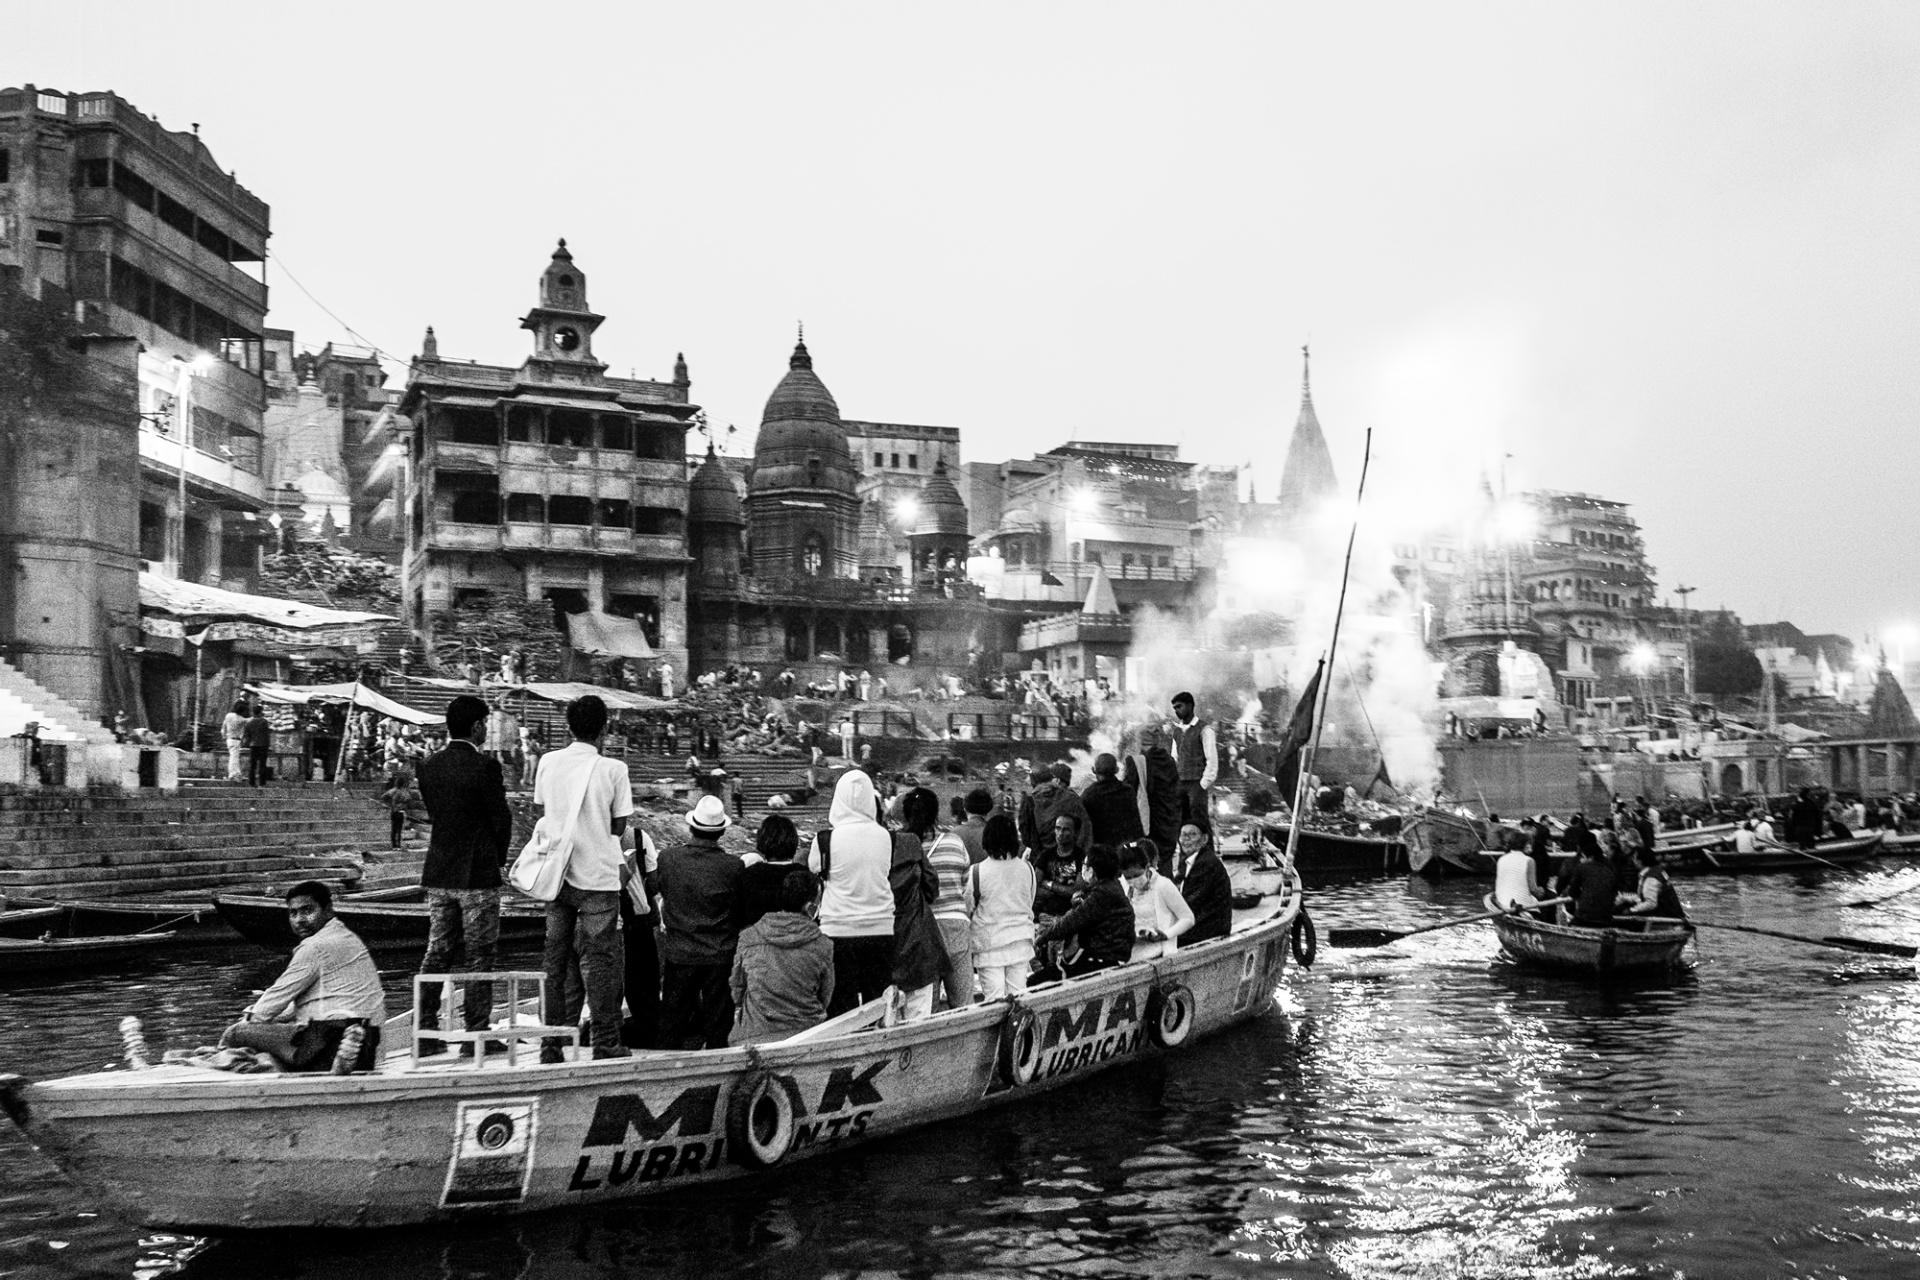 Mother Ganga, tra la vita e la morte, Anche il cristiano più ortodosso - che dovrebbe credere nella morte come inizio di una nuova vita in comunione con il Signore - auspica che questo momento arrivi il più lontano